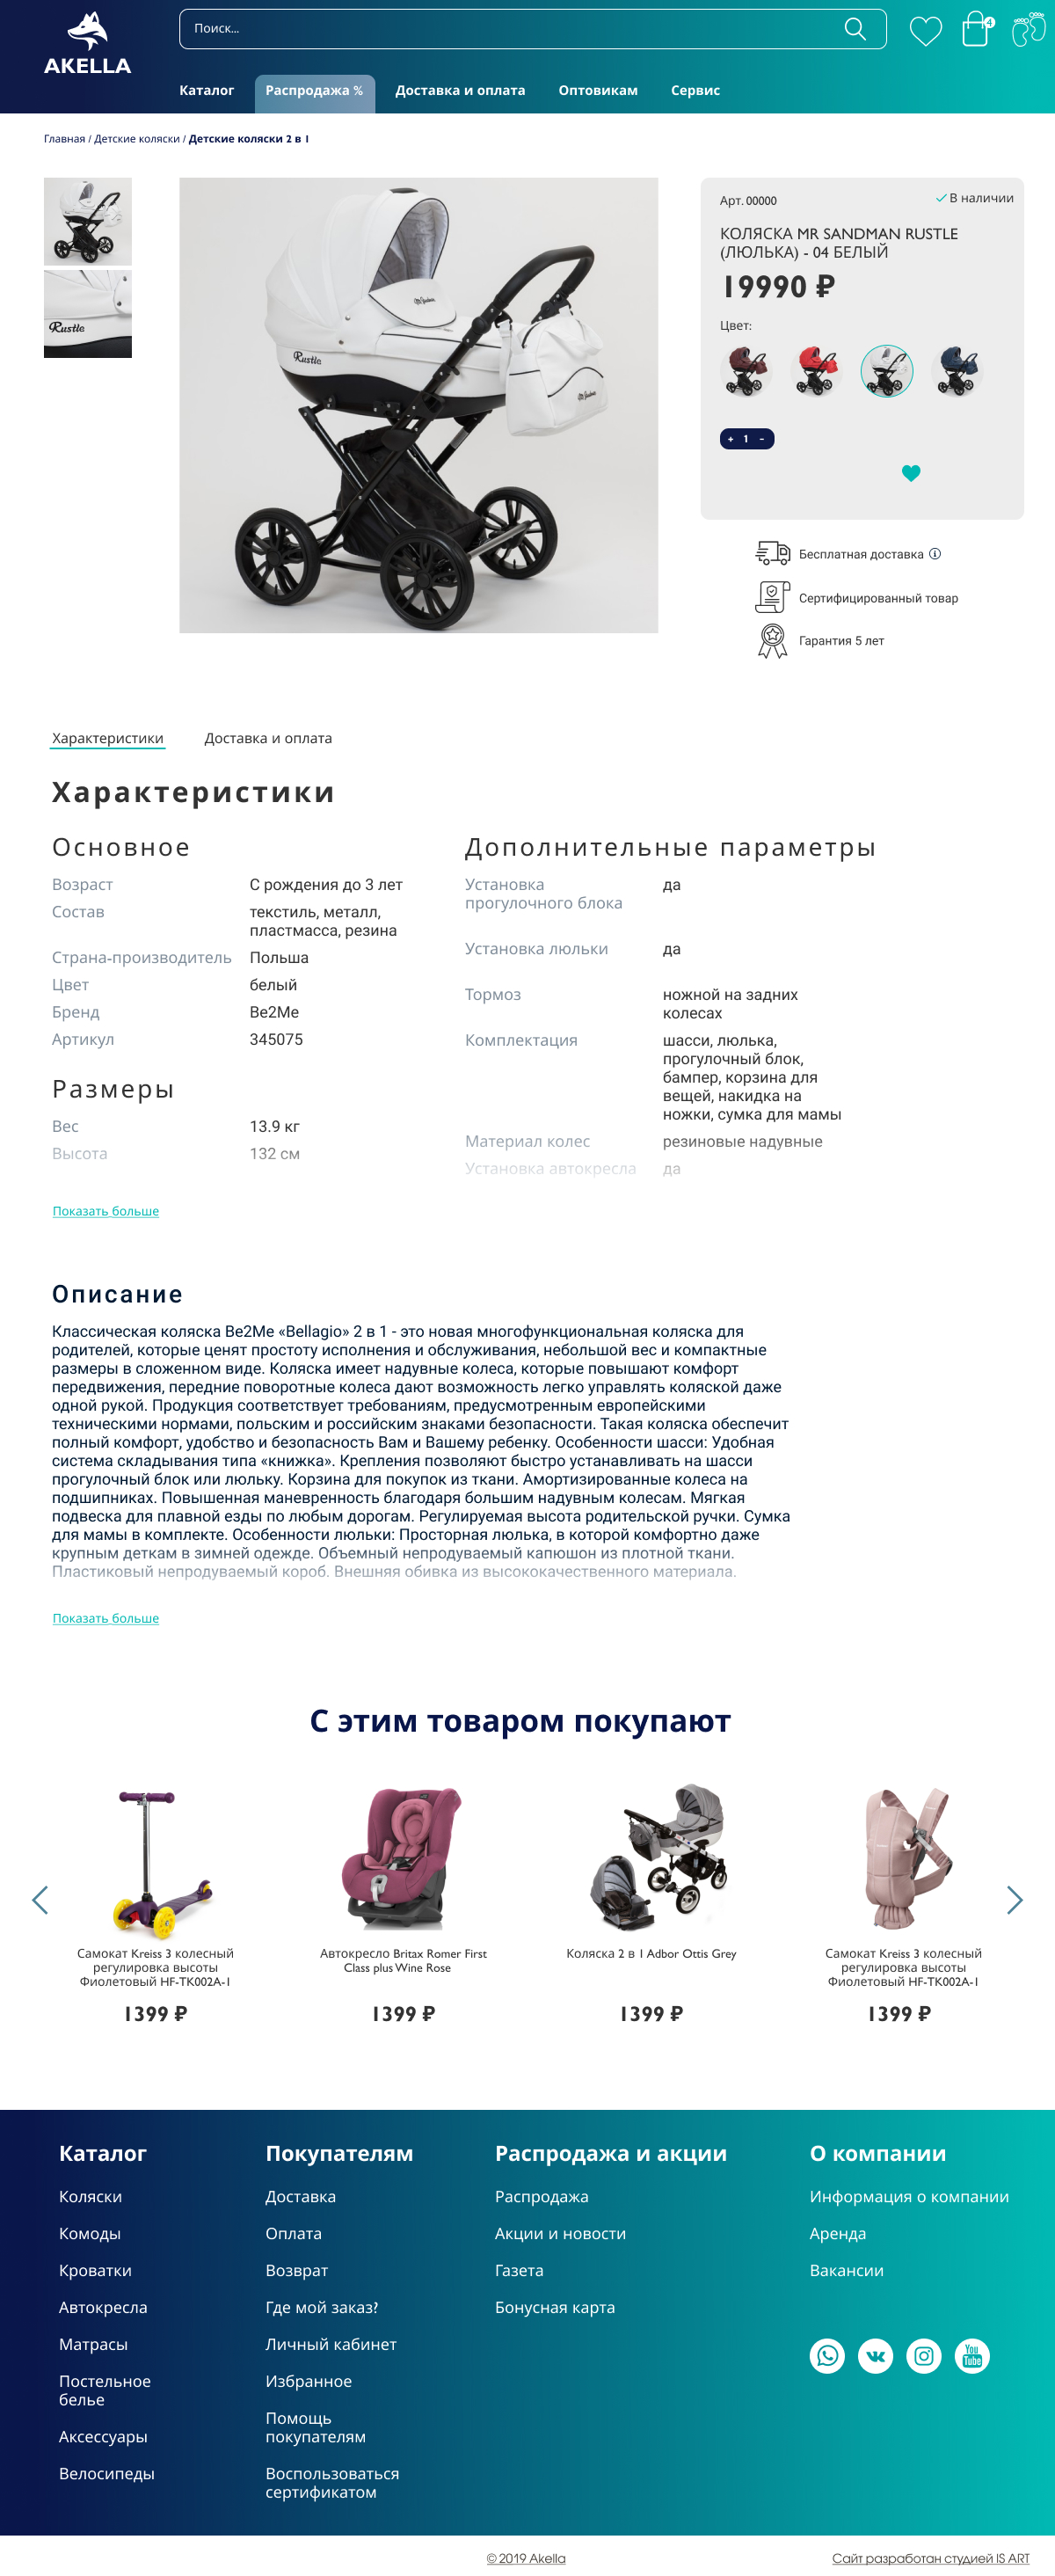 Макет сайта Детские товары Акелла 2